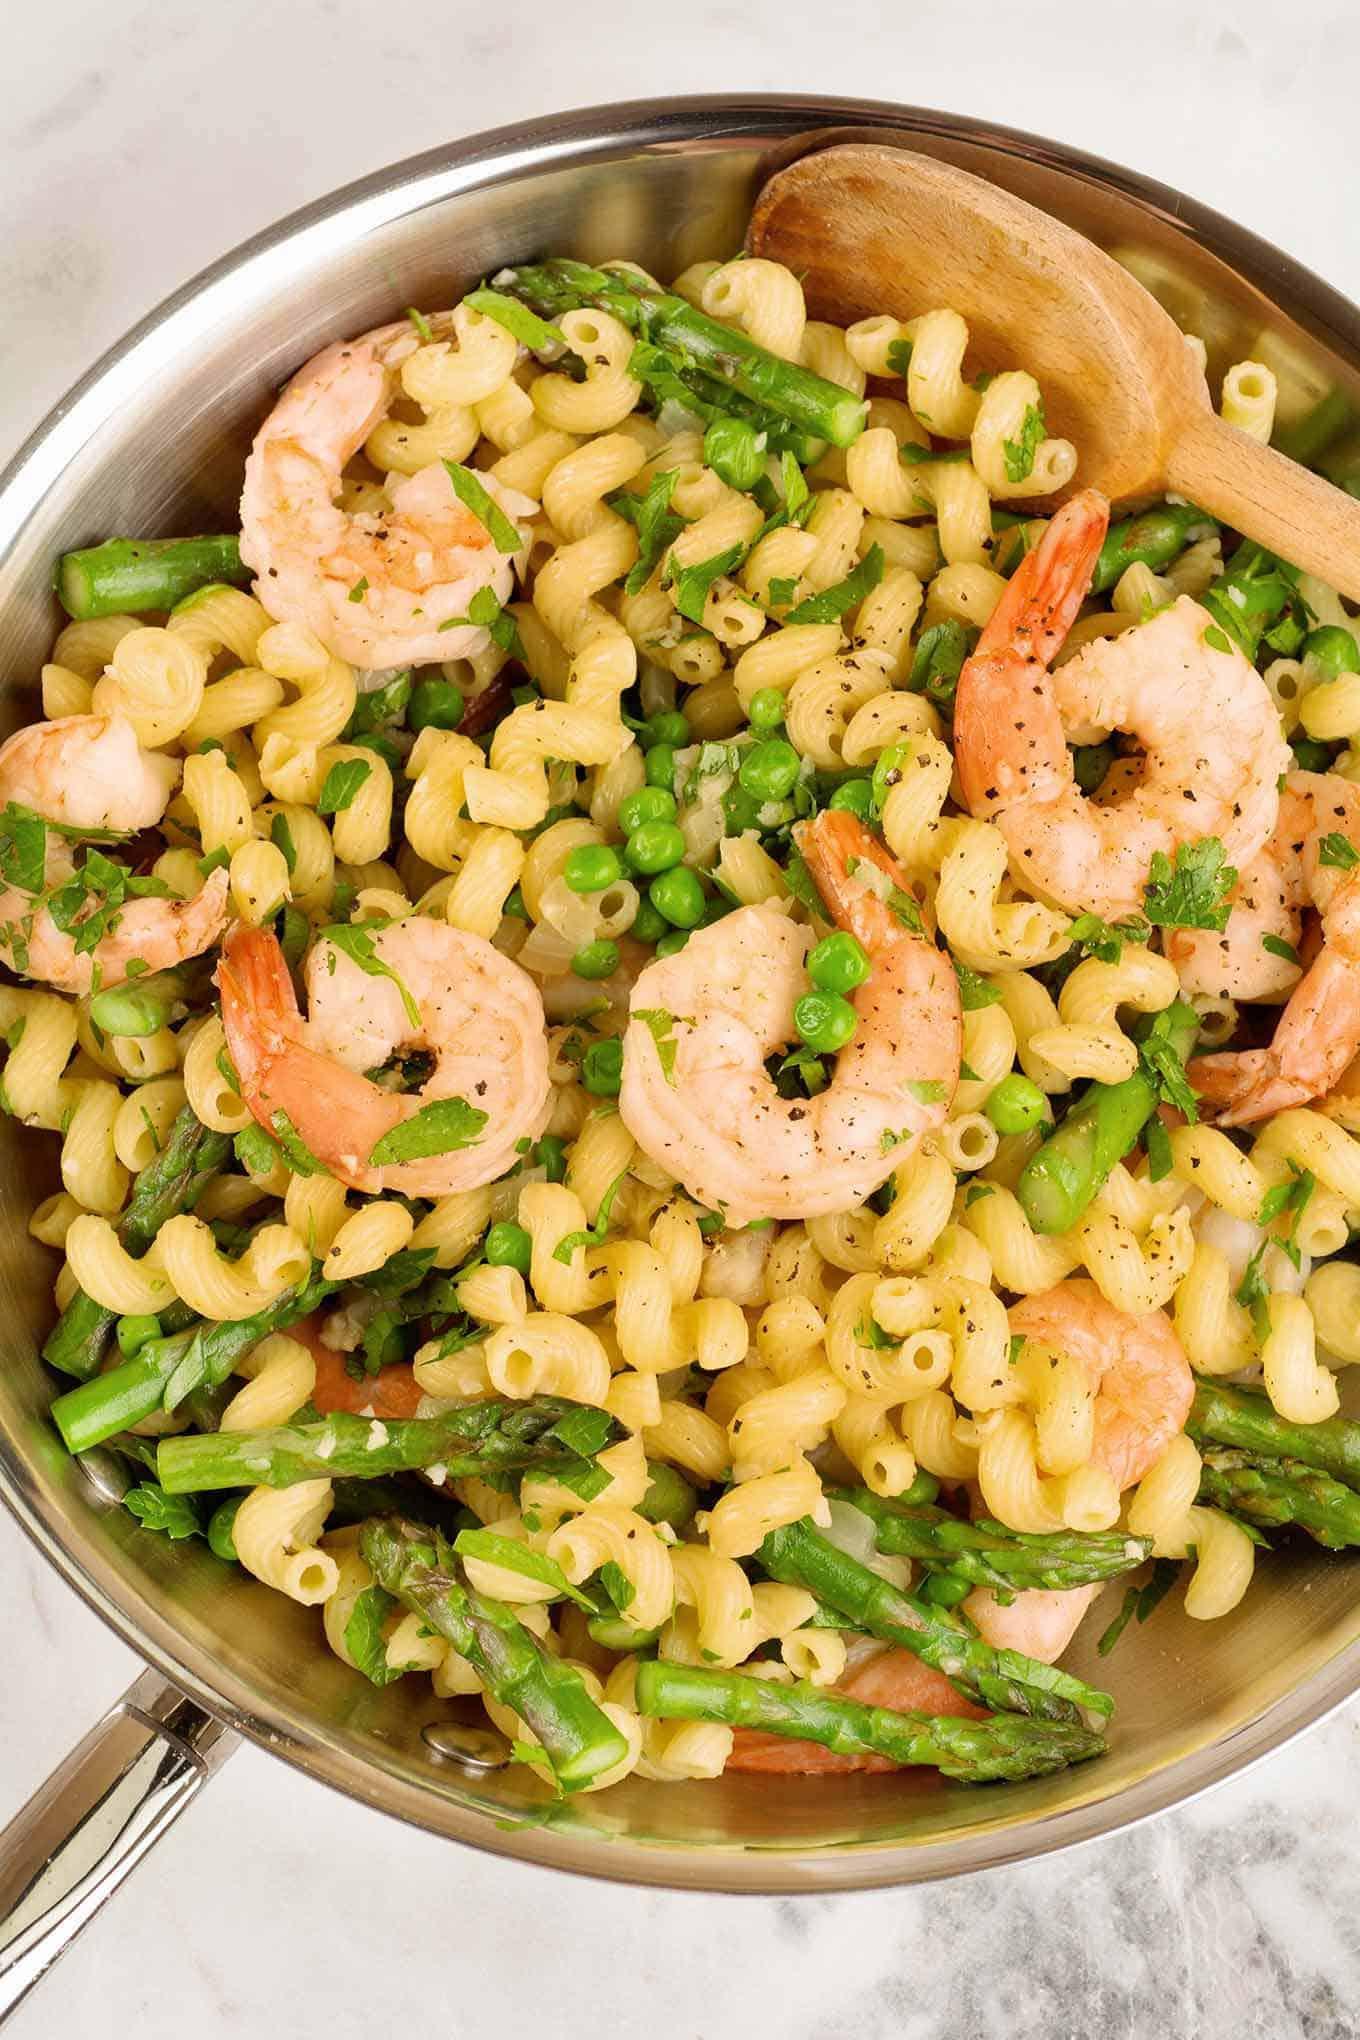 Sauté pan filled with corkscrew pasta, shrimp, asparagus, and peas